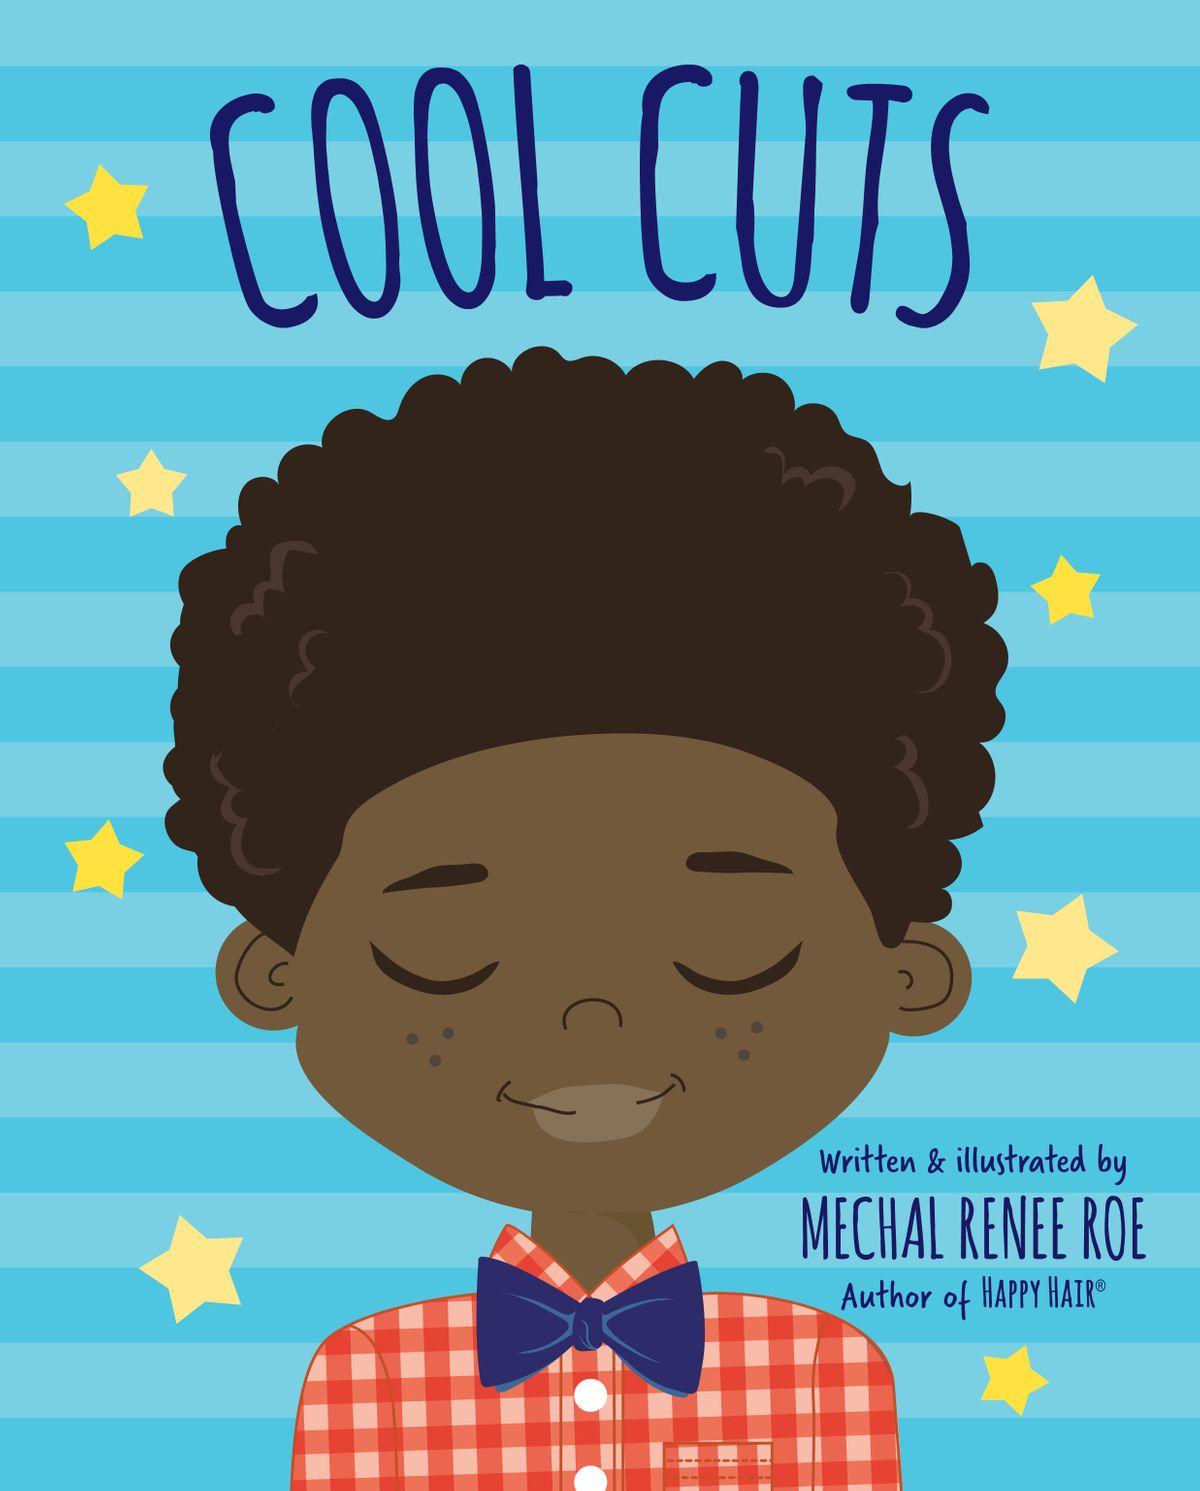 cool-cuts